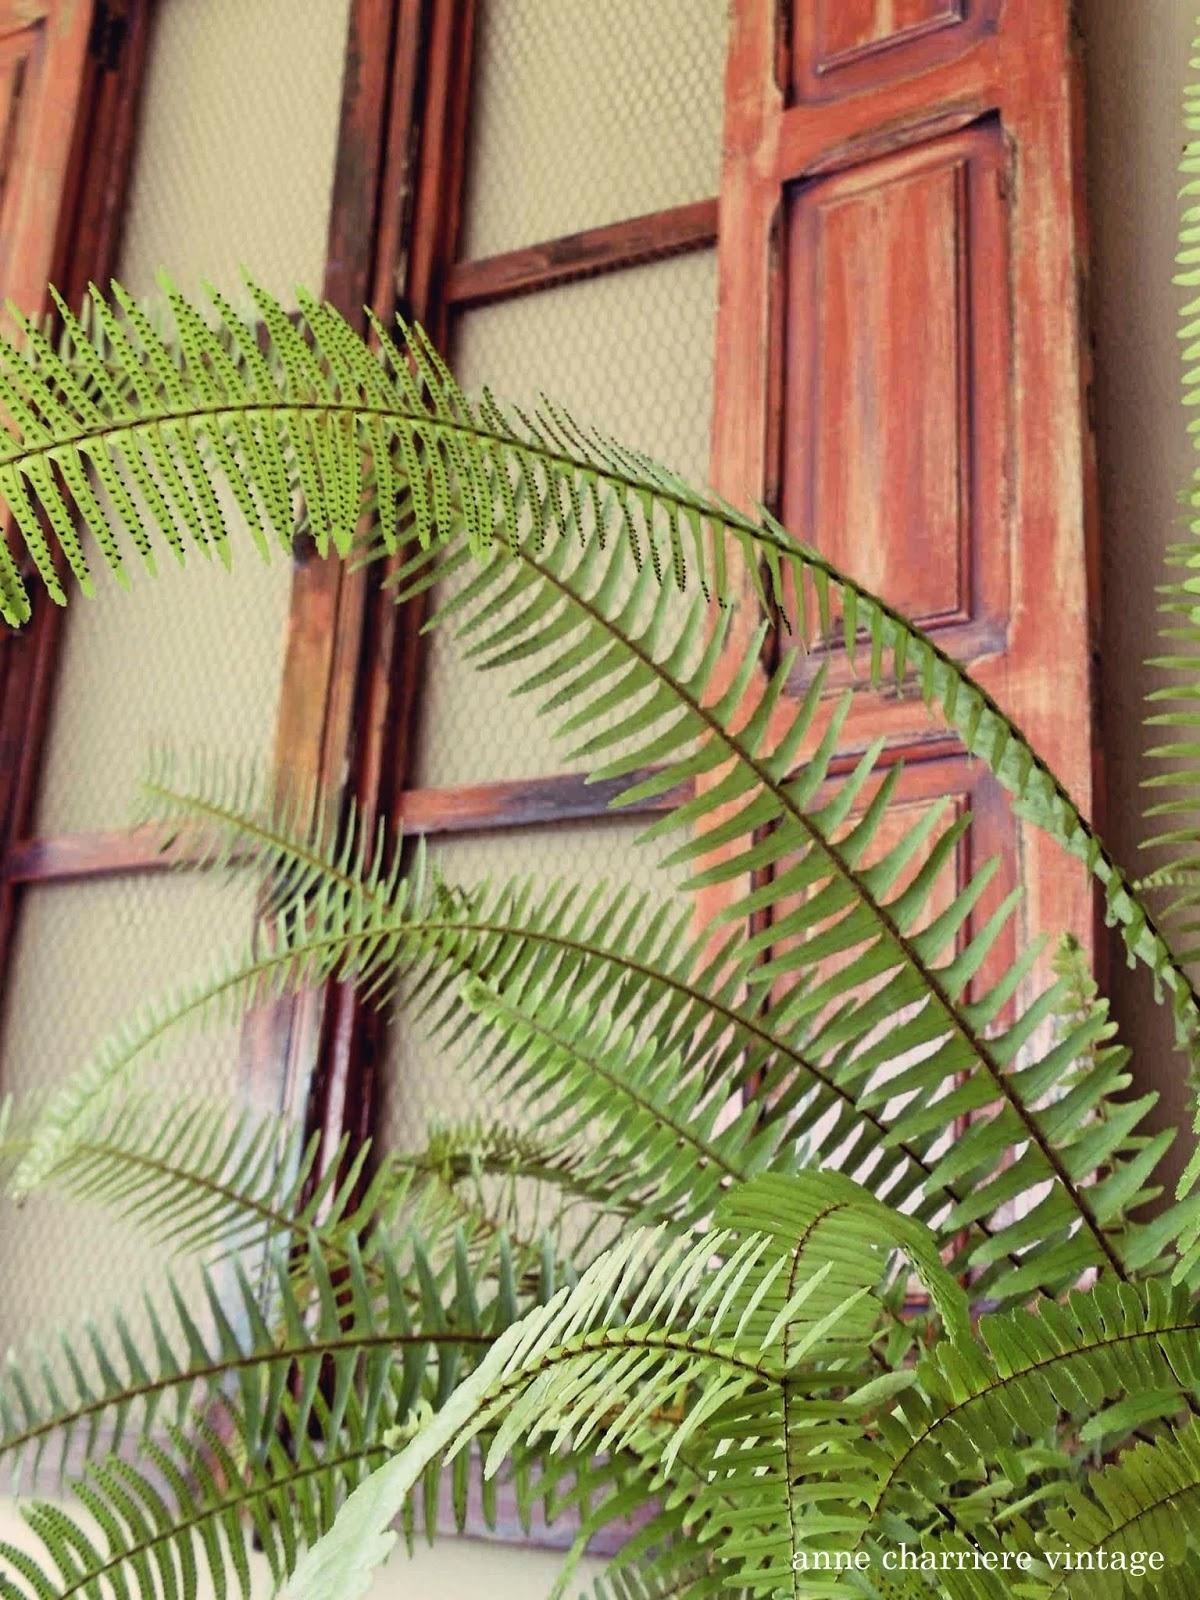 anne charriere vintage, reciclar viejas ventanas,